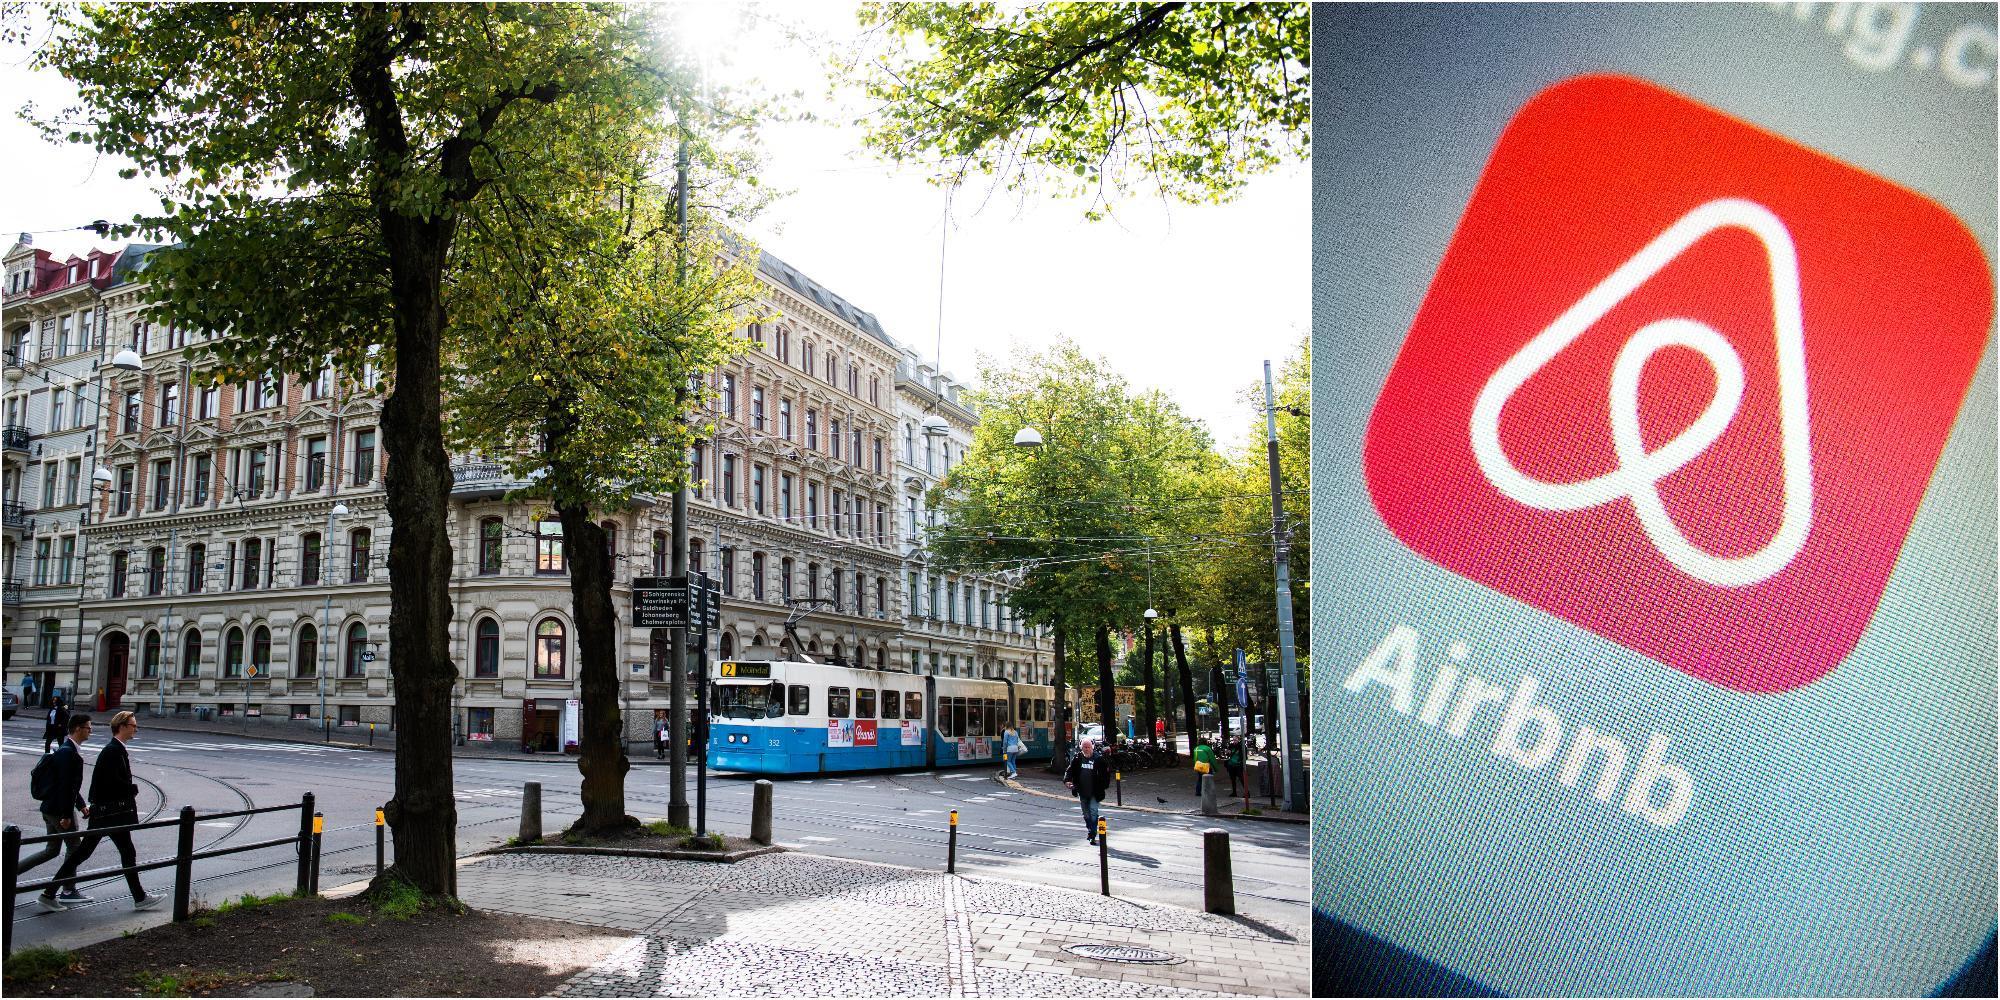 Hyrde ut via Airbnb utan tillstånd – kan få fängelse